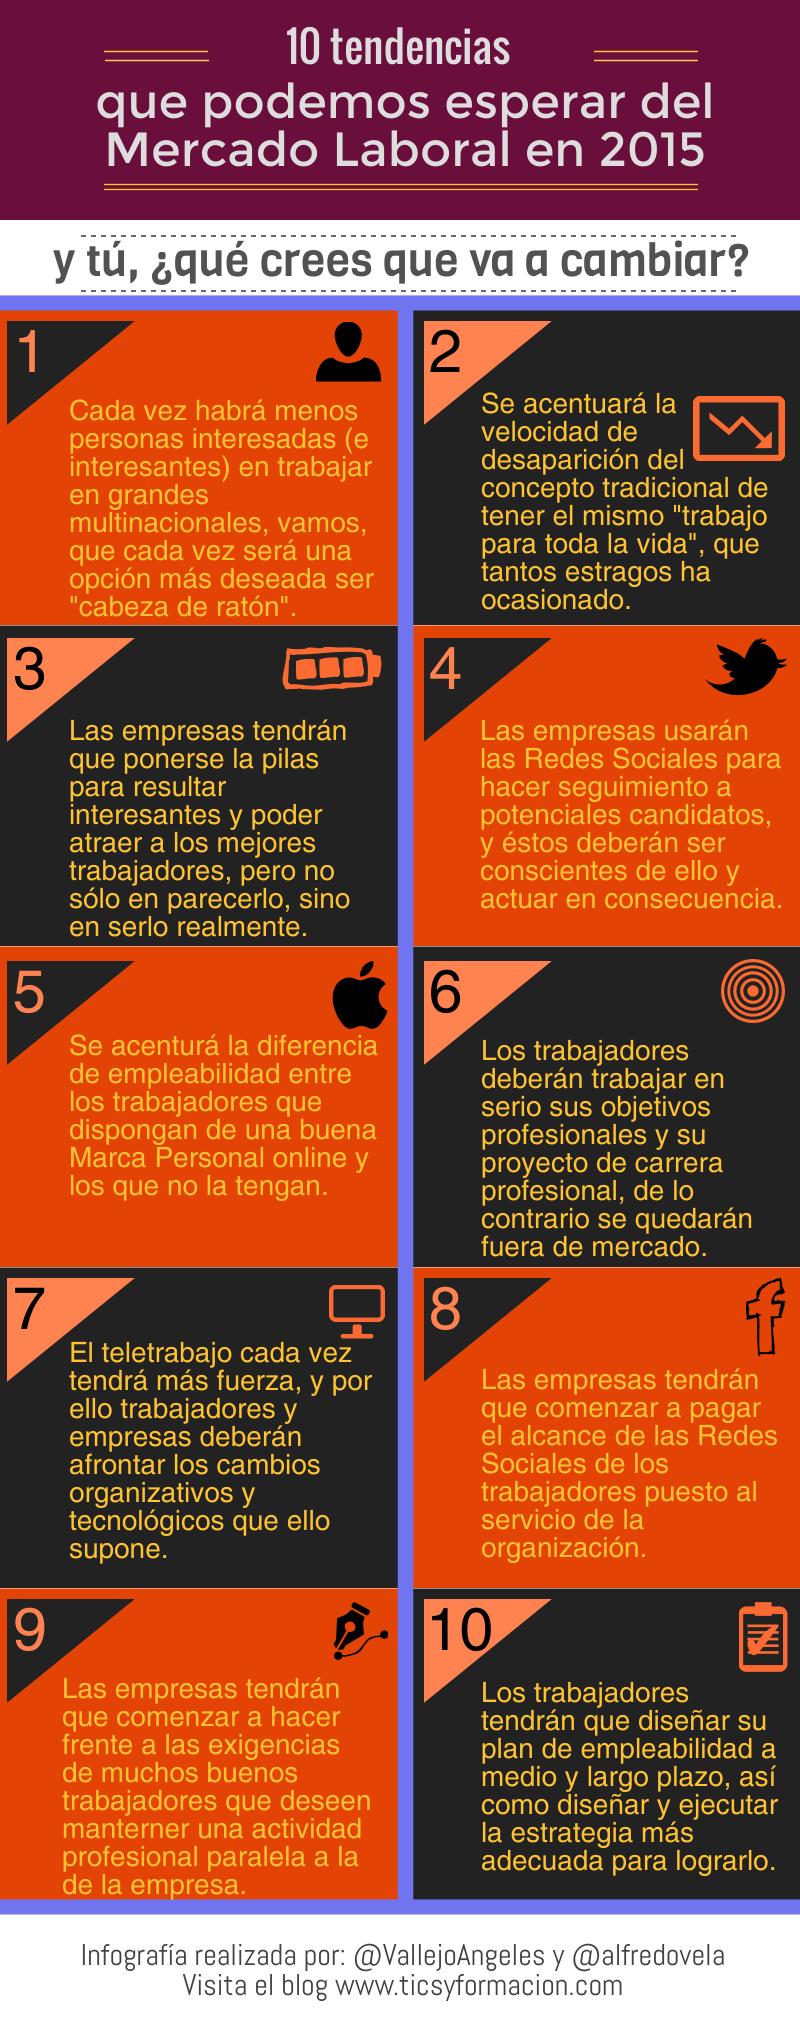 10 tendencias para el Mercado Laboral en 2015